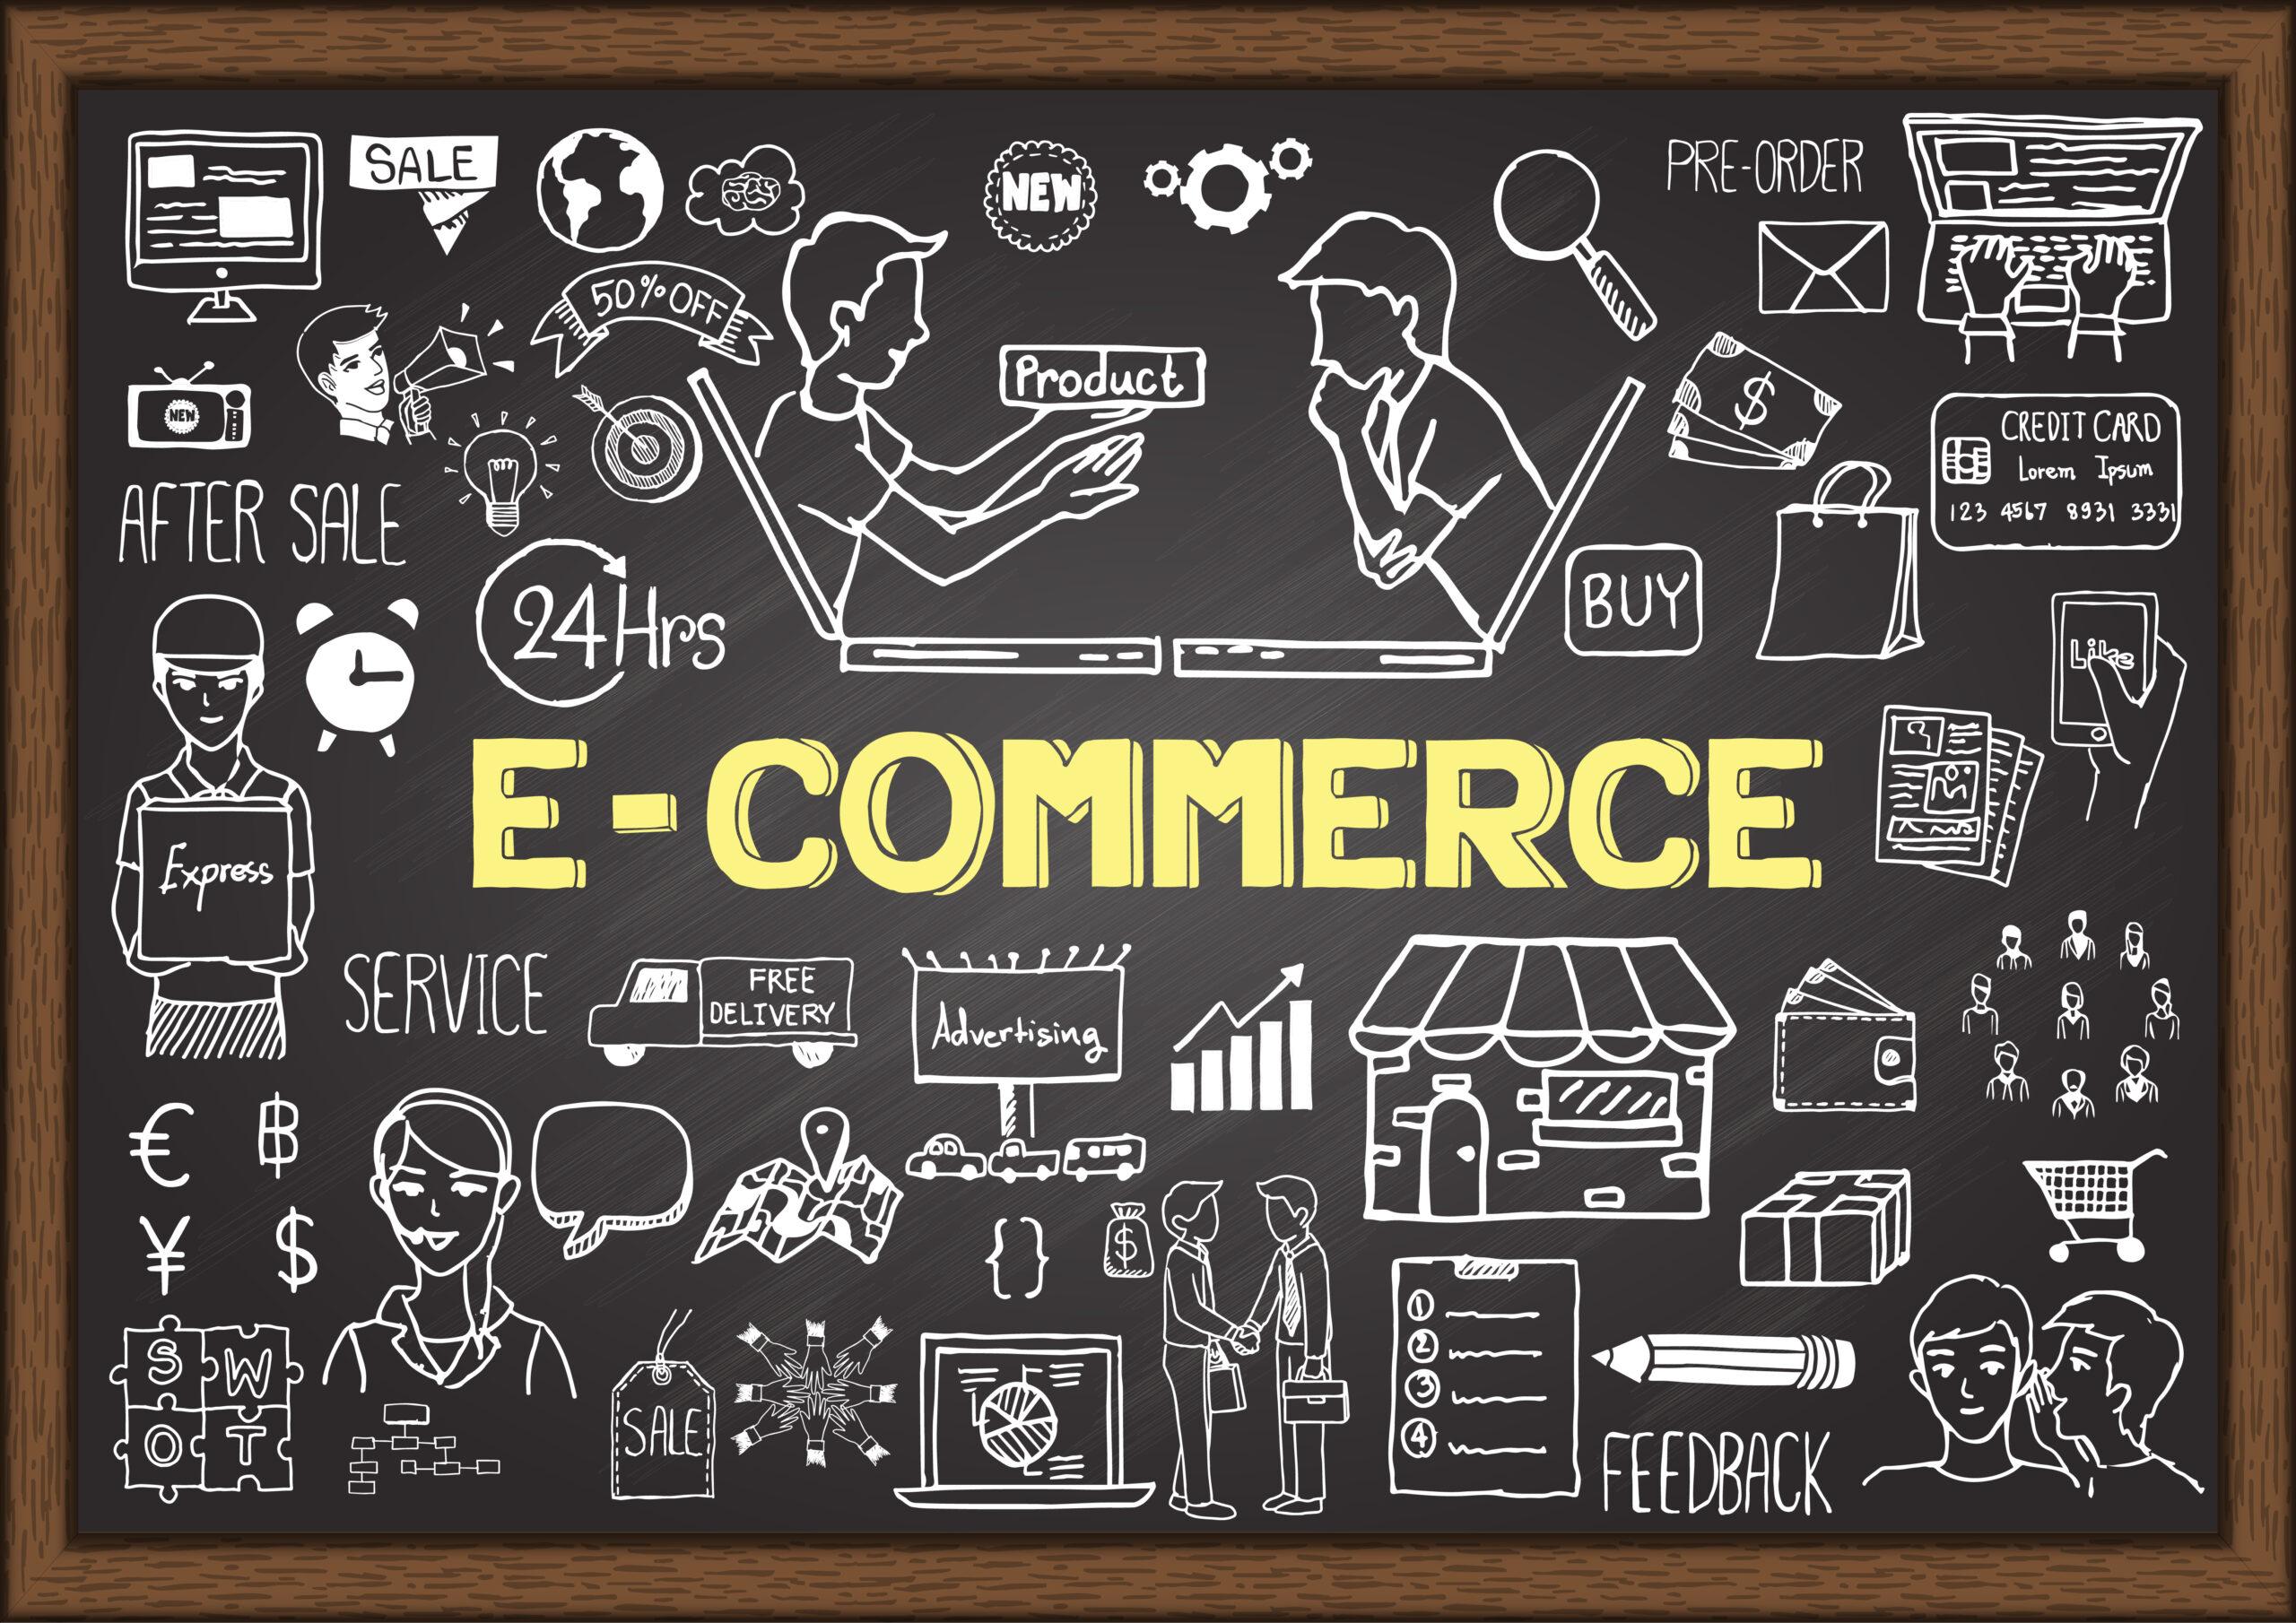 Quale ecommerce aprire? Consigli per intraprendere la vendita online